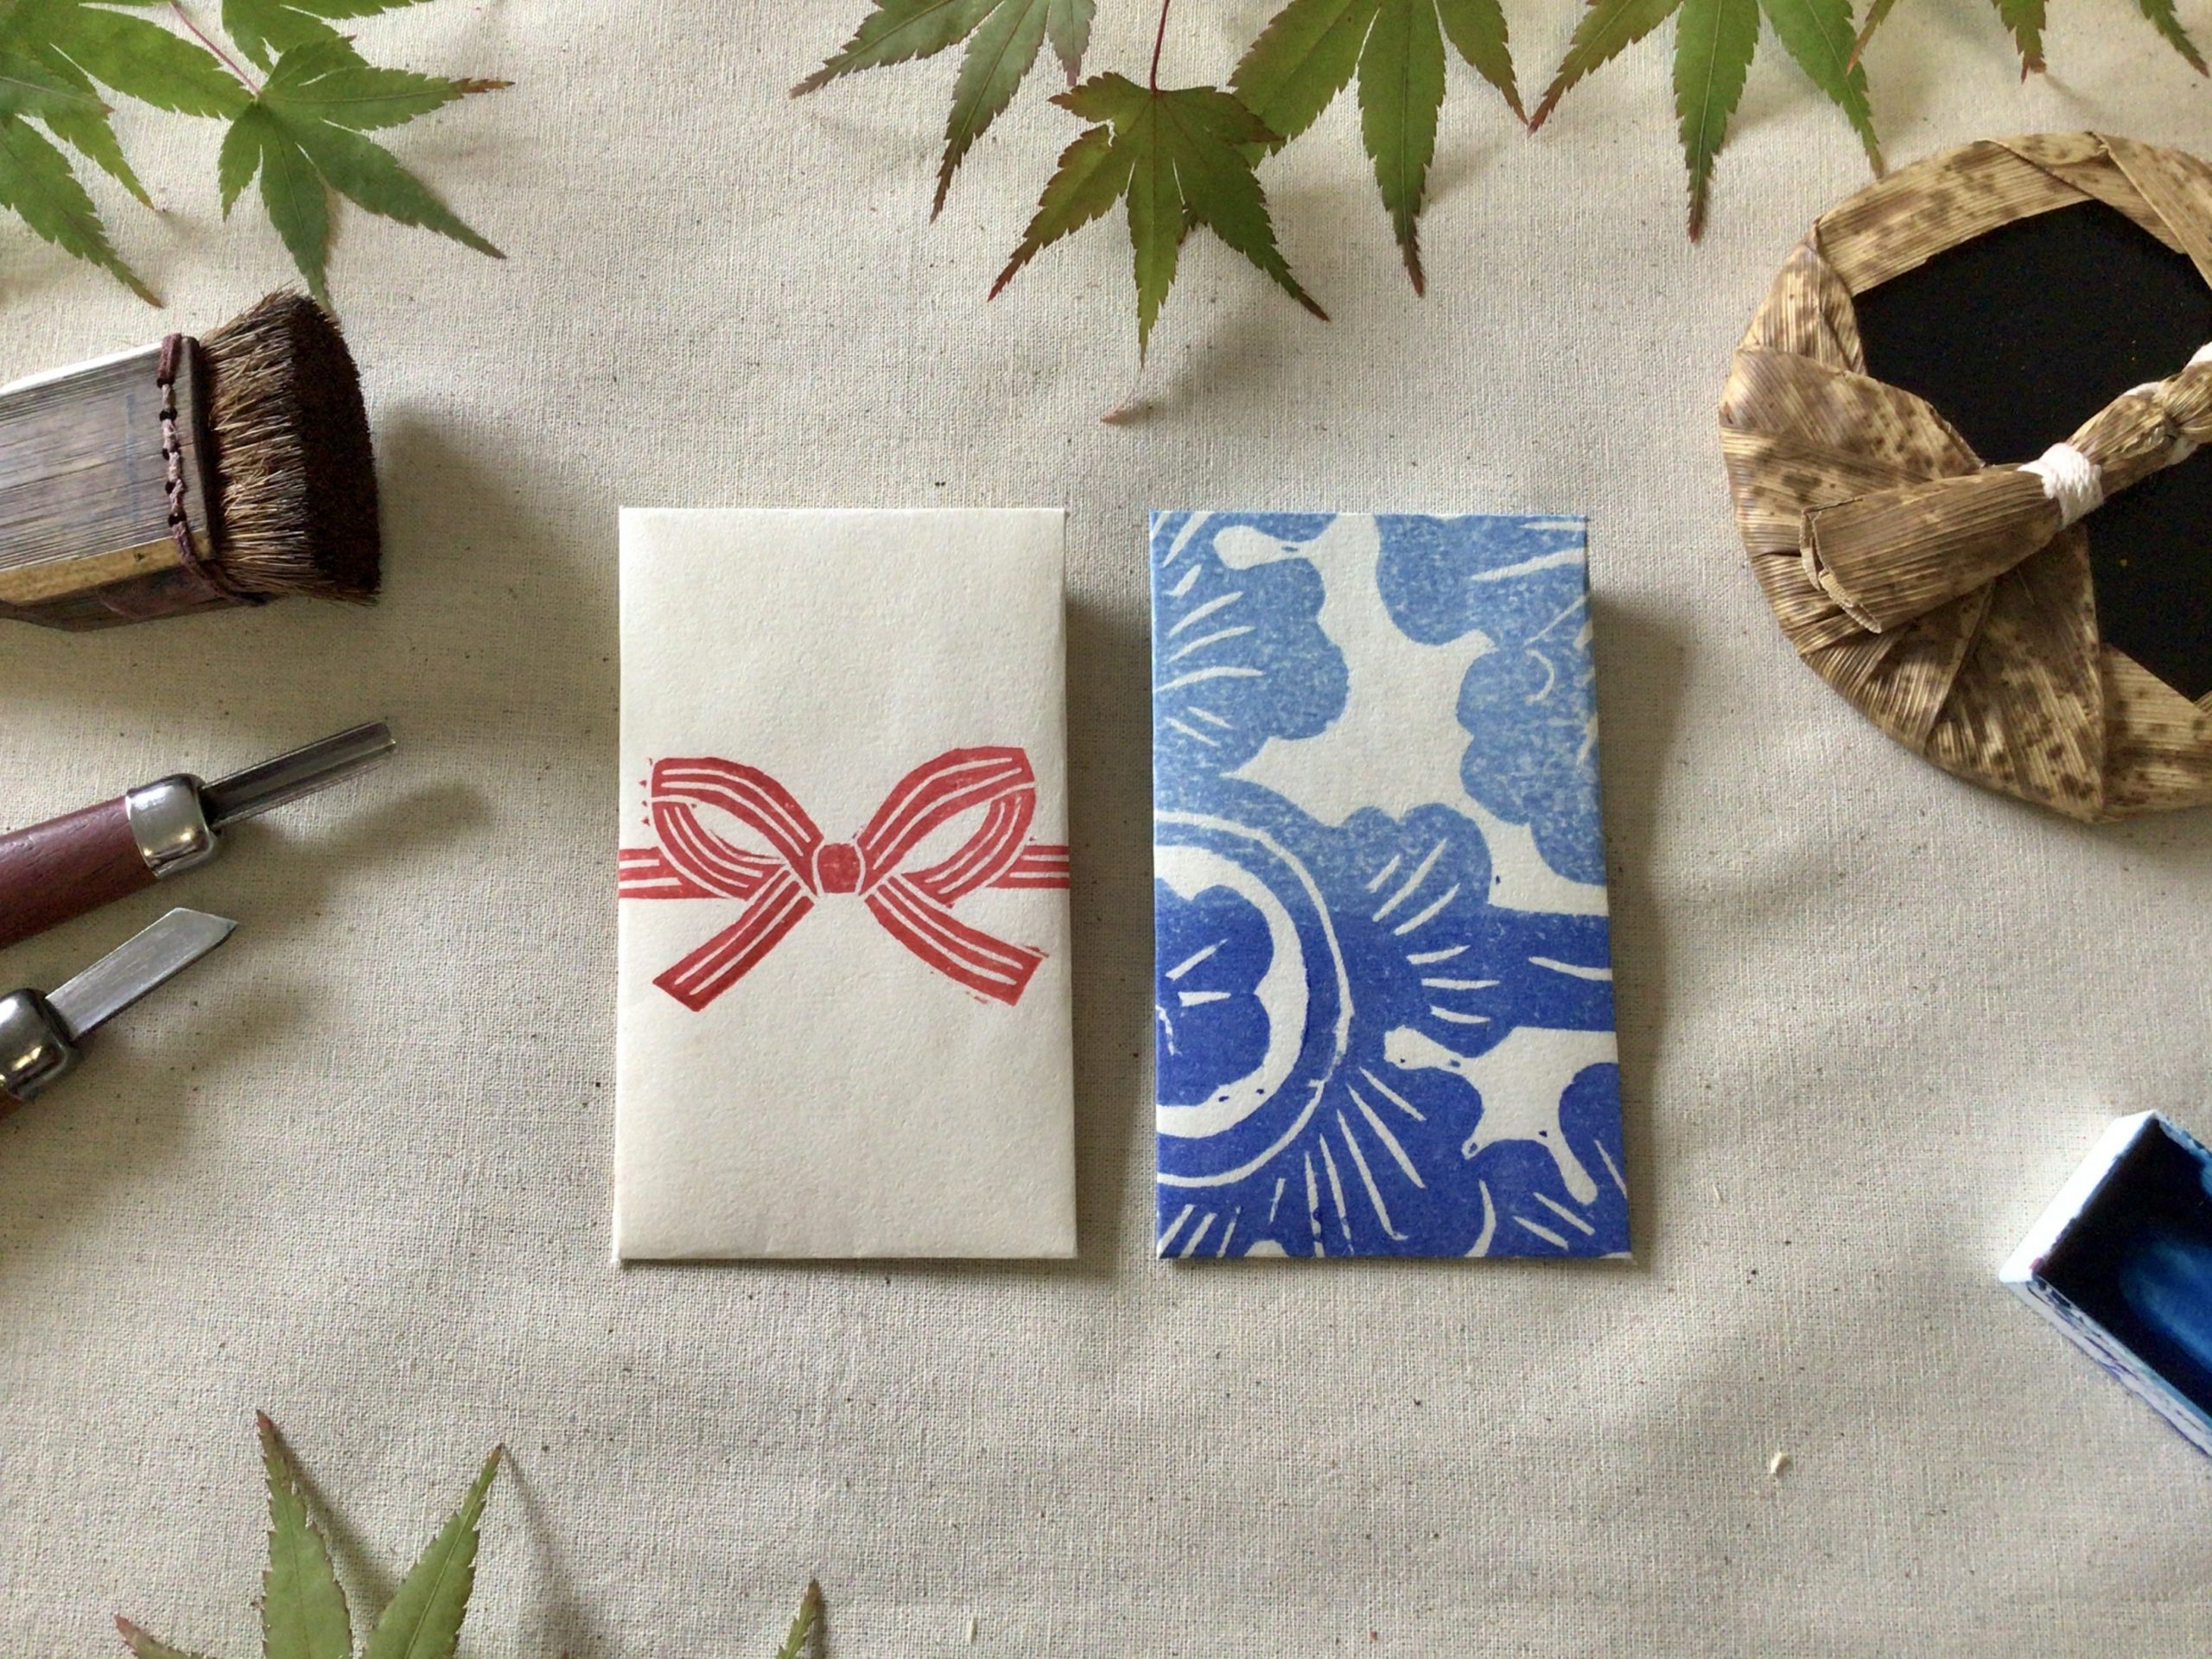 Japanese Woodblock Printing with Ema Shin